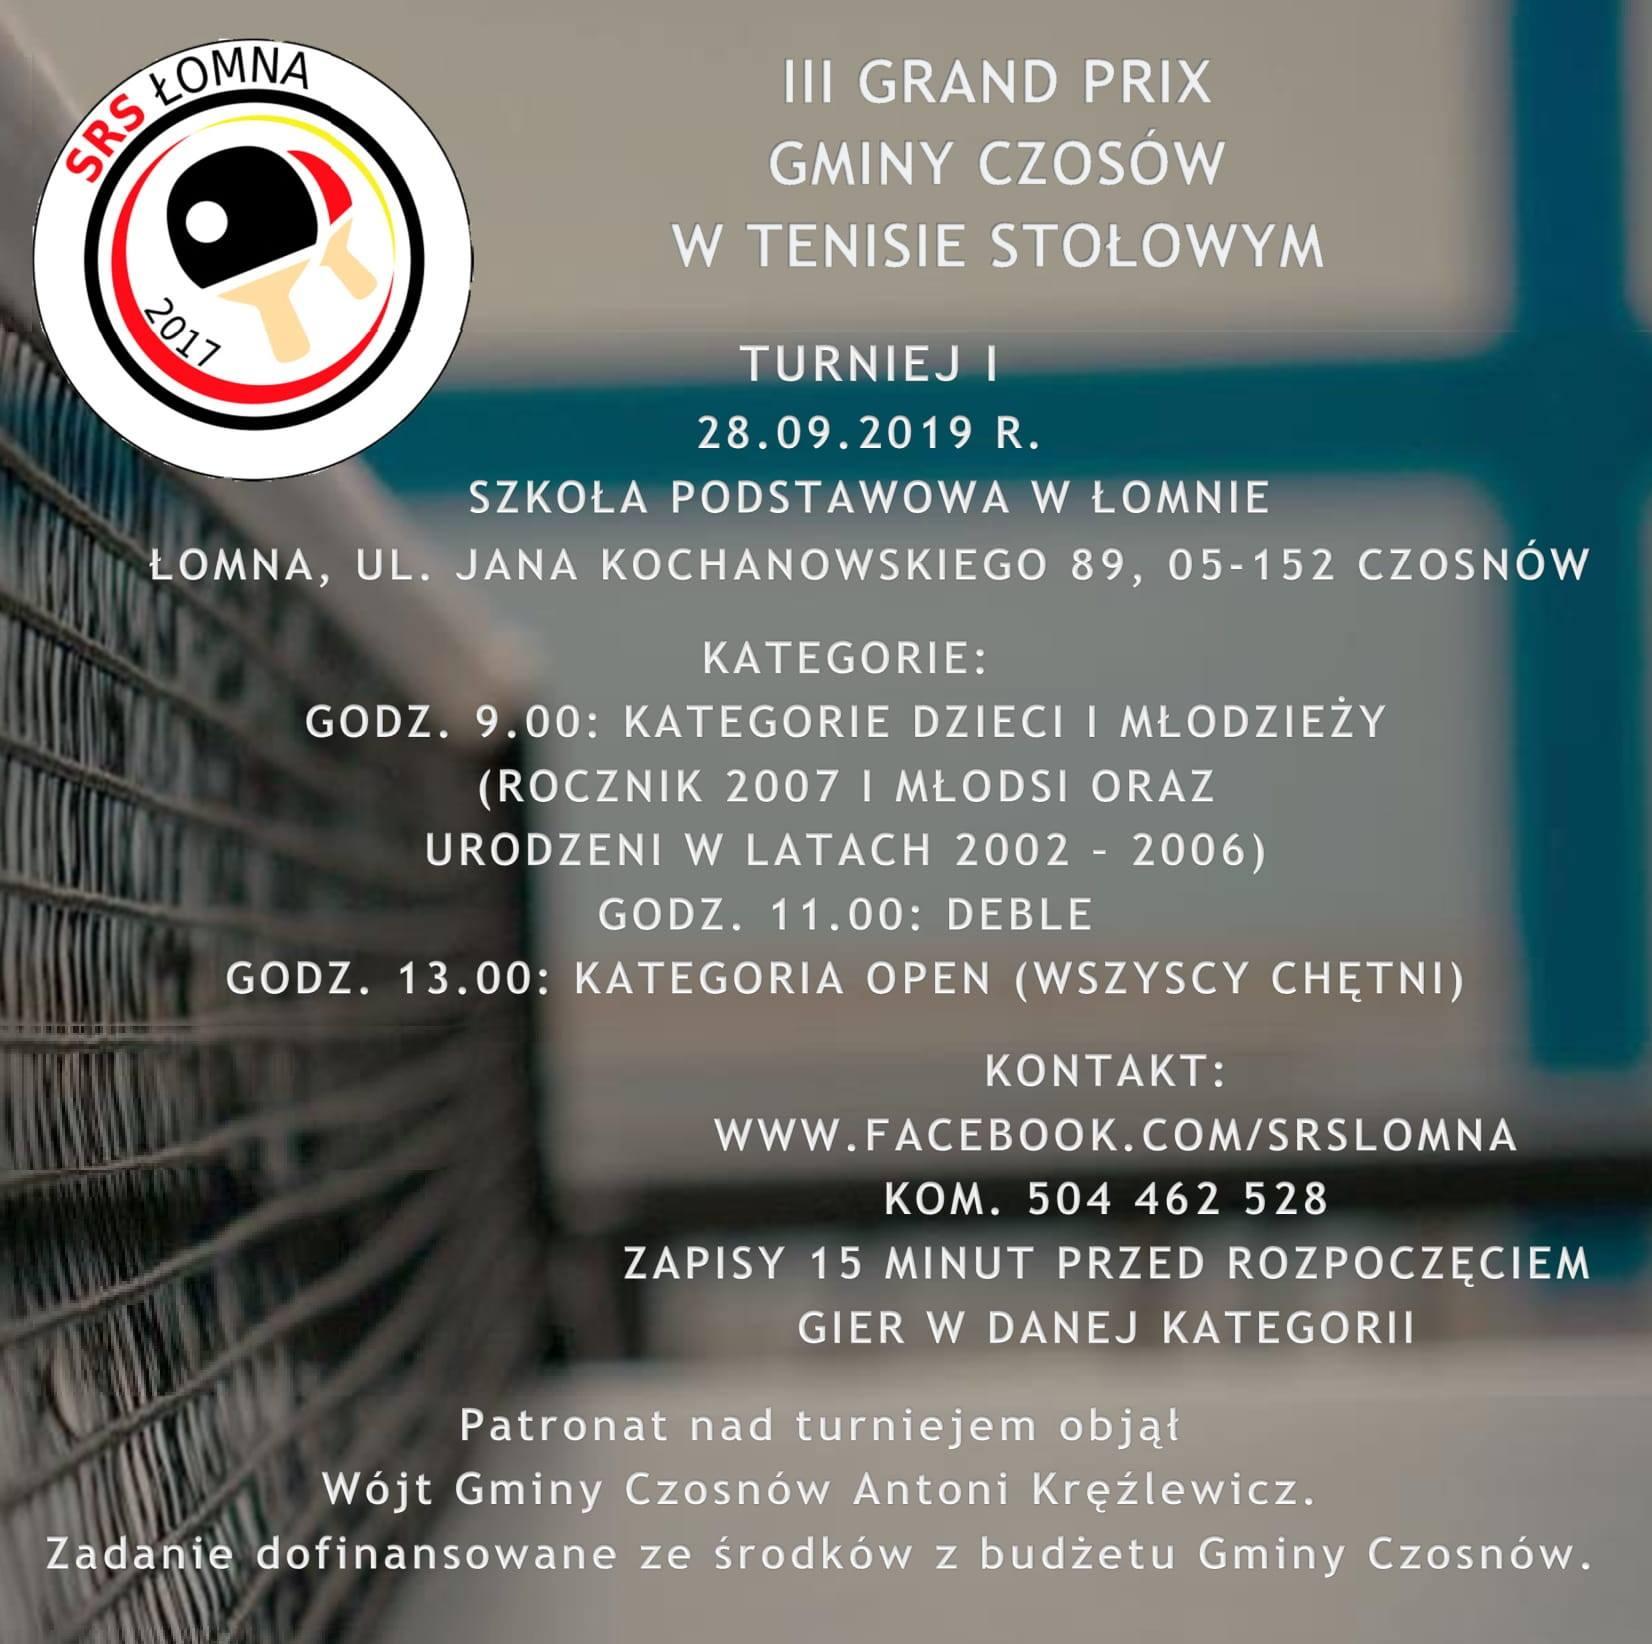 Plakat turnieju III Grand Prix Gminy Czosnów w Tenisie Stołowym - 8 Turniej